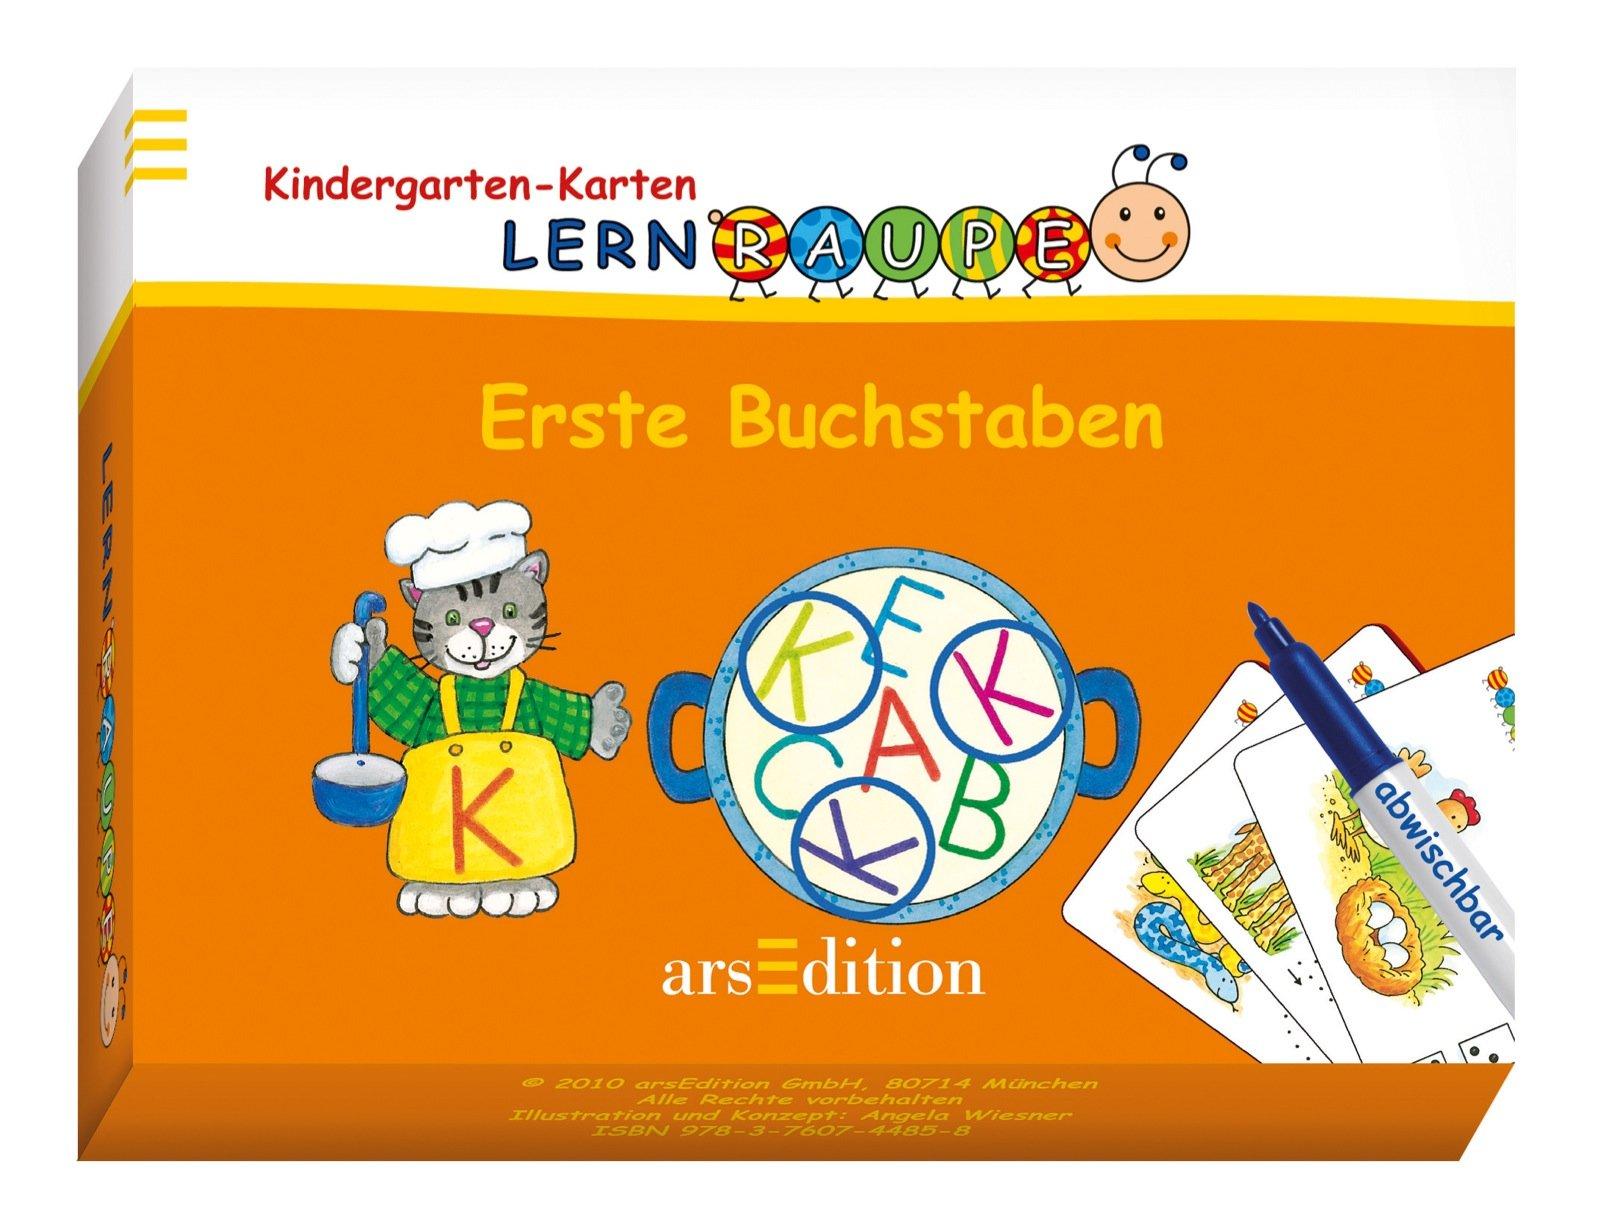 Kindergarten-Karten: Erset Buchstaben